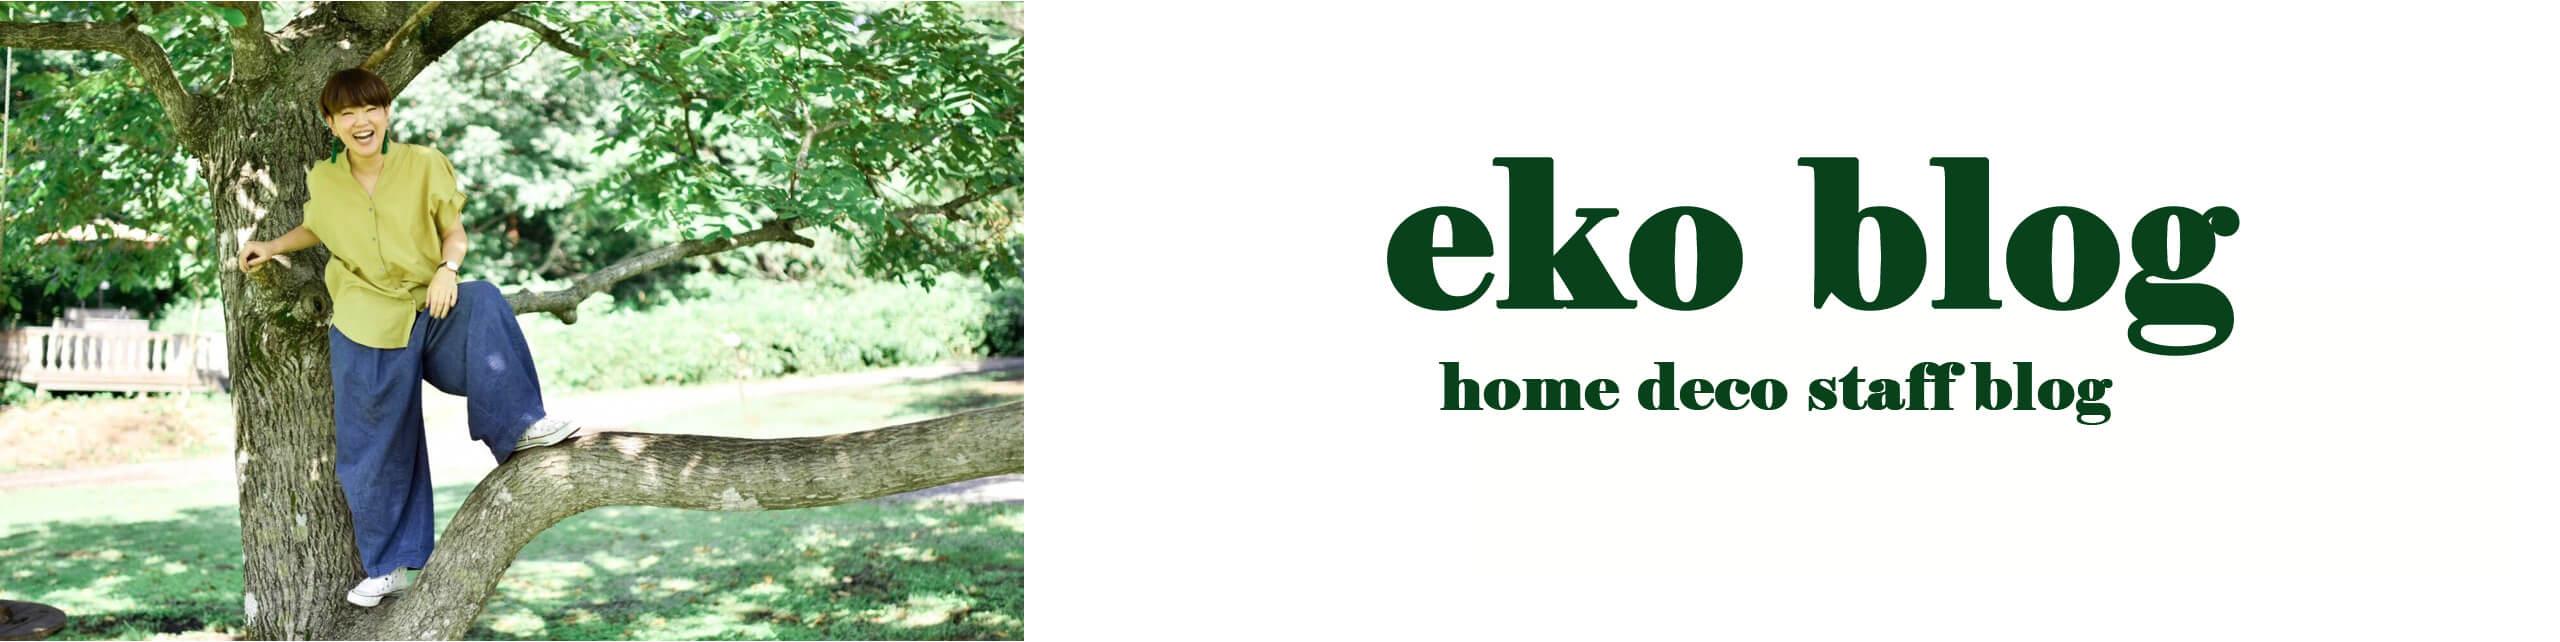 eko blog